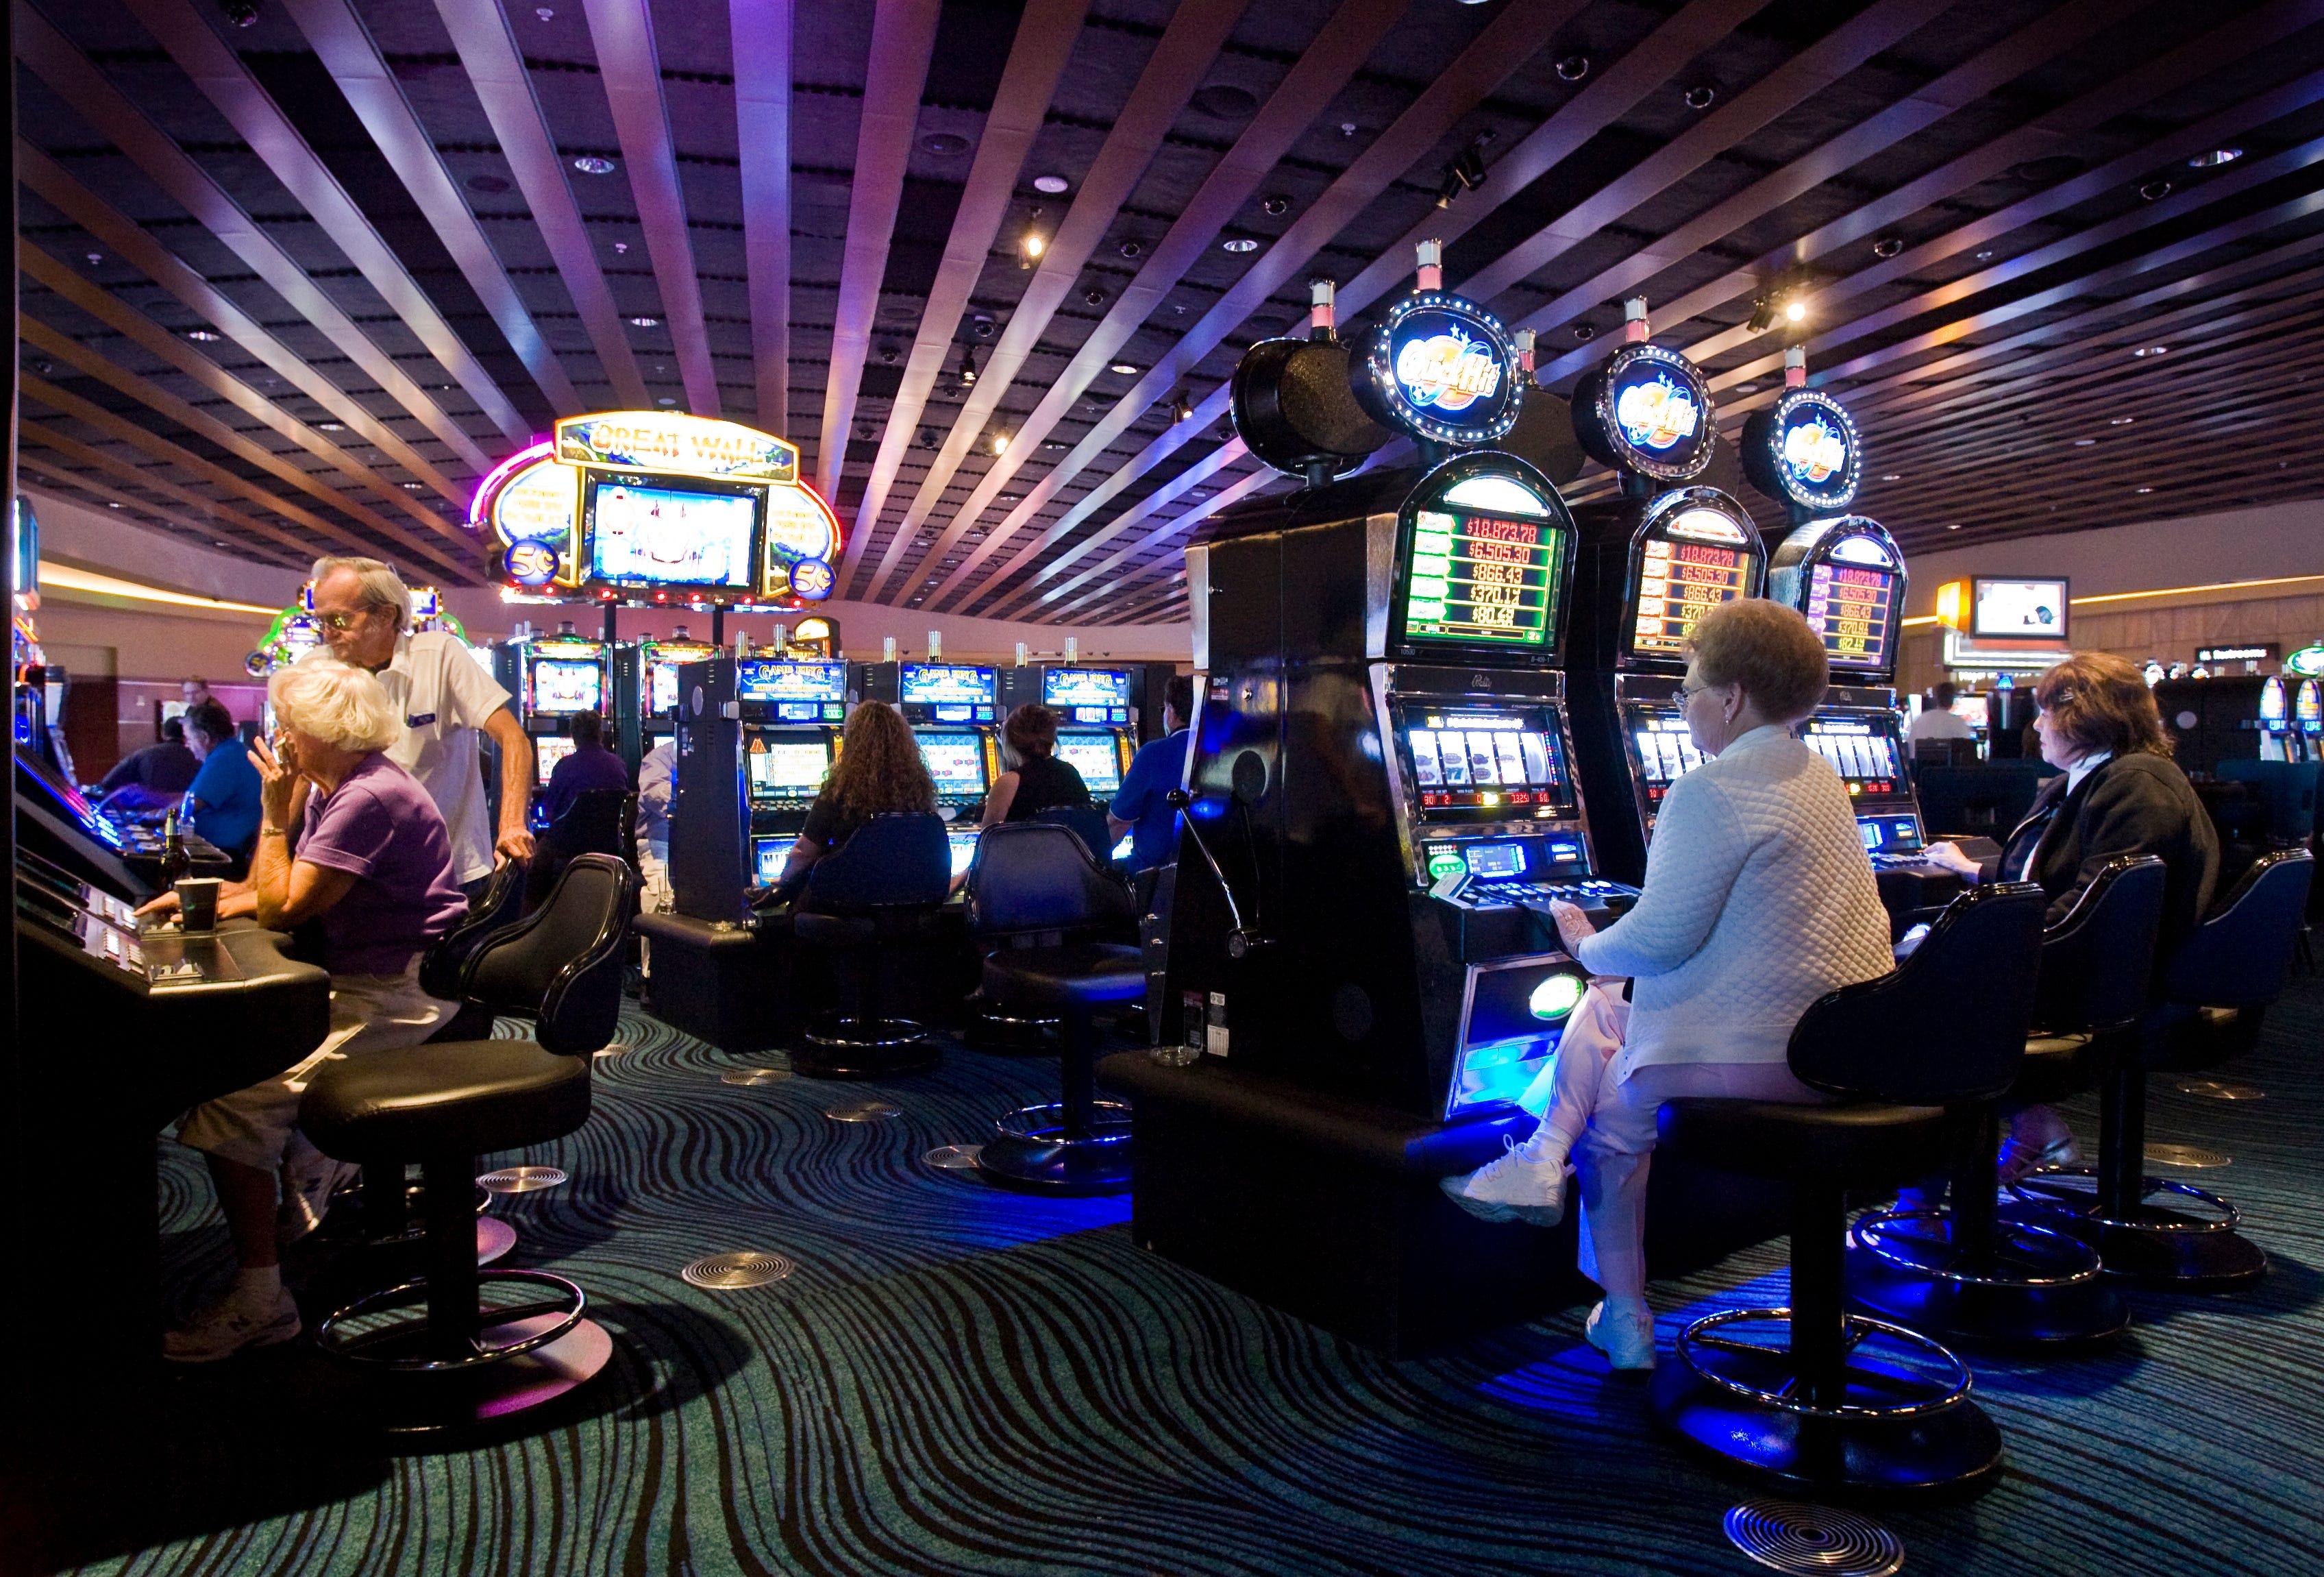 Bossier city casinos shows